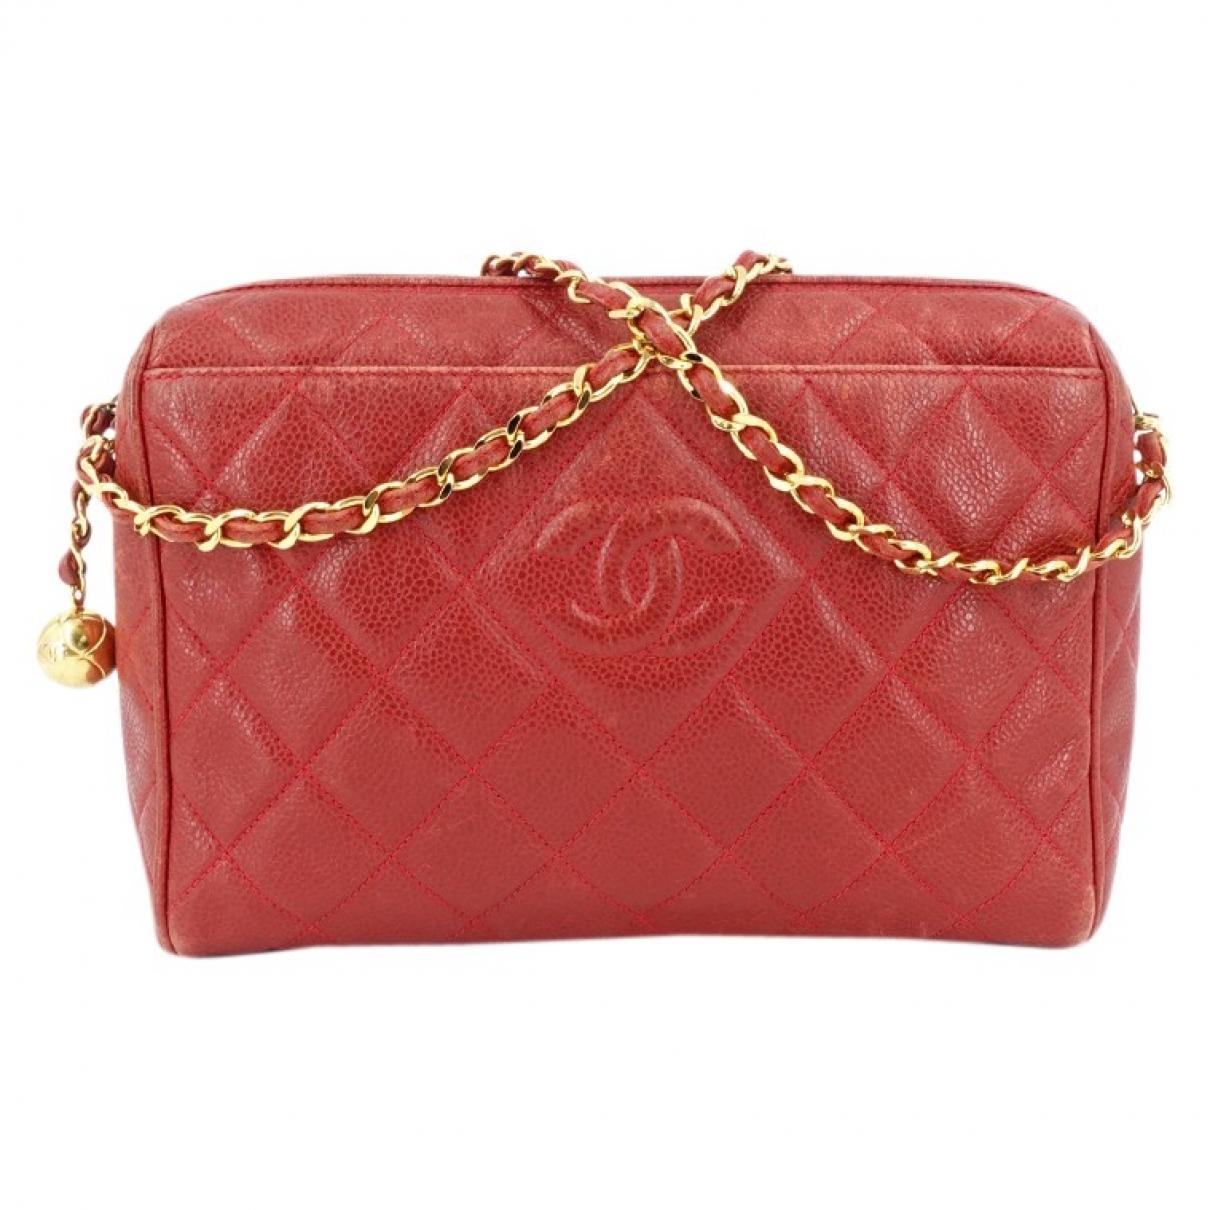 Chanel - Sac a main Camera pour femme en cuir - rouge